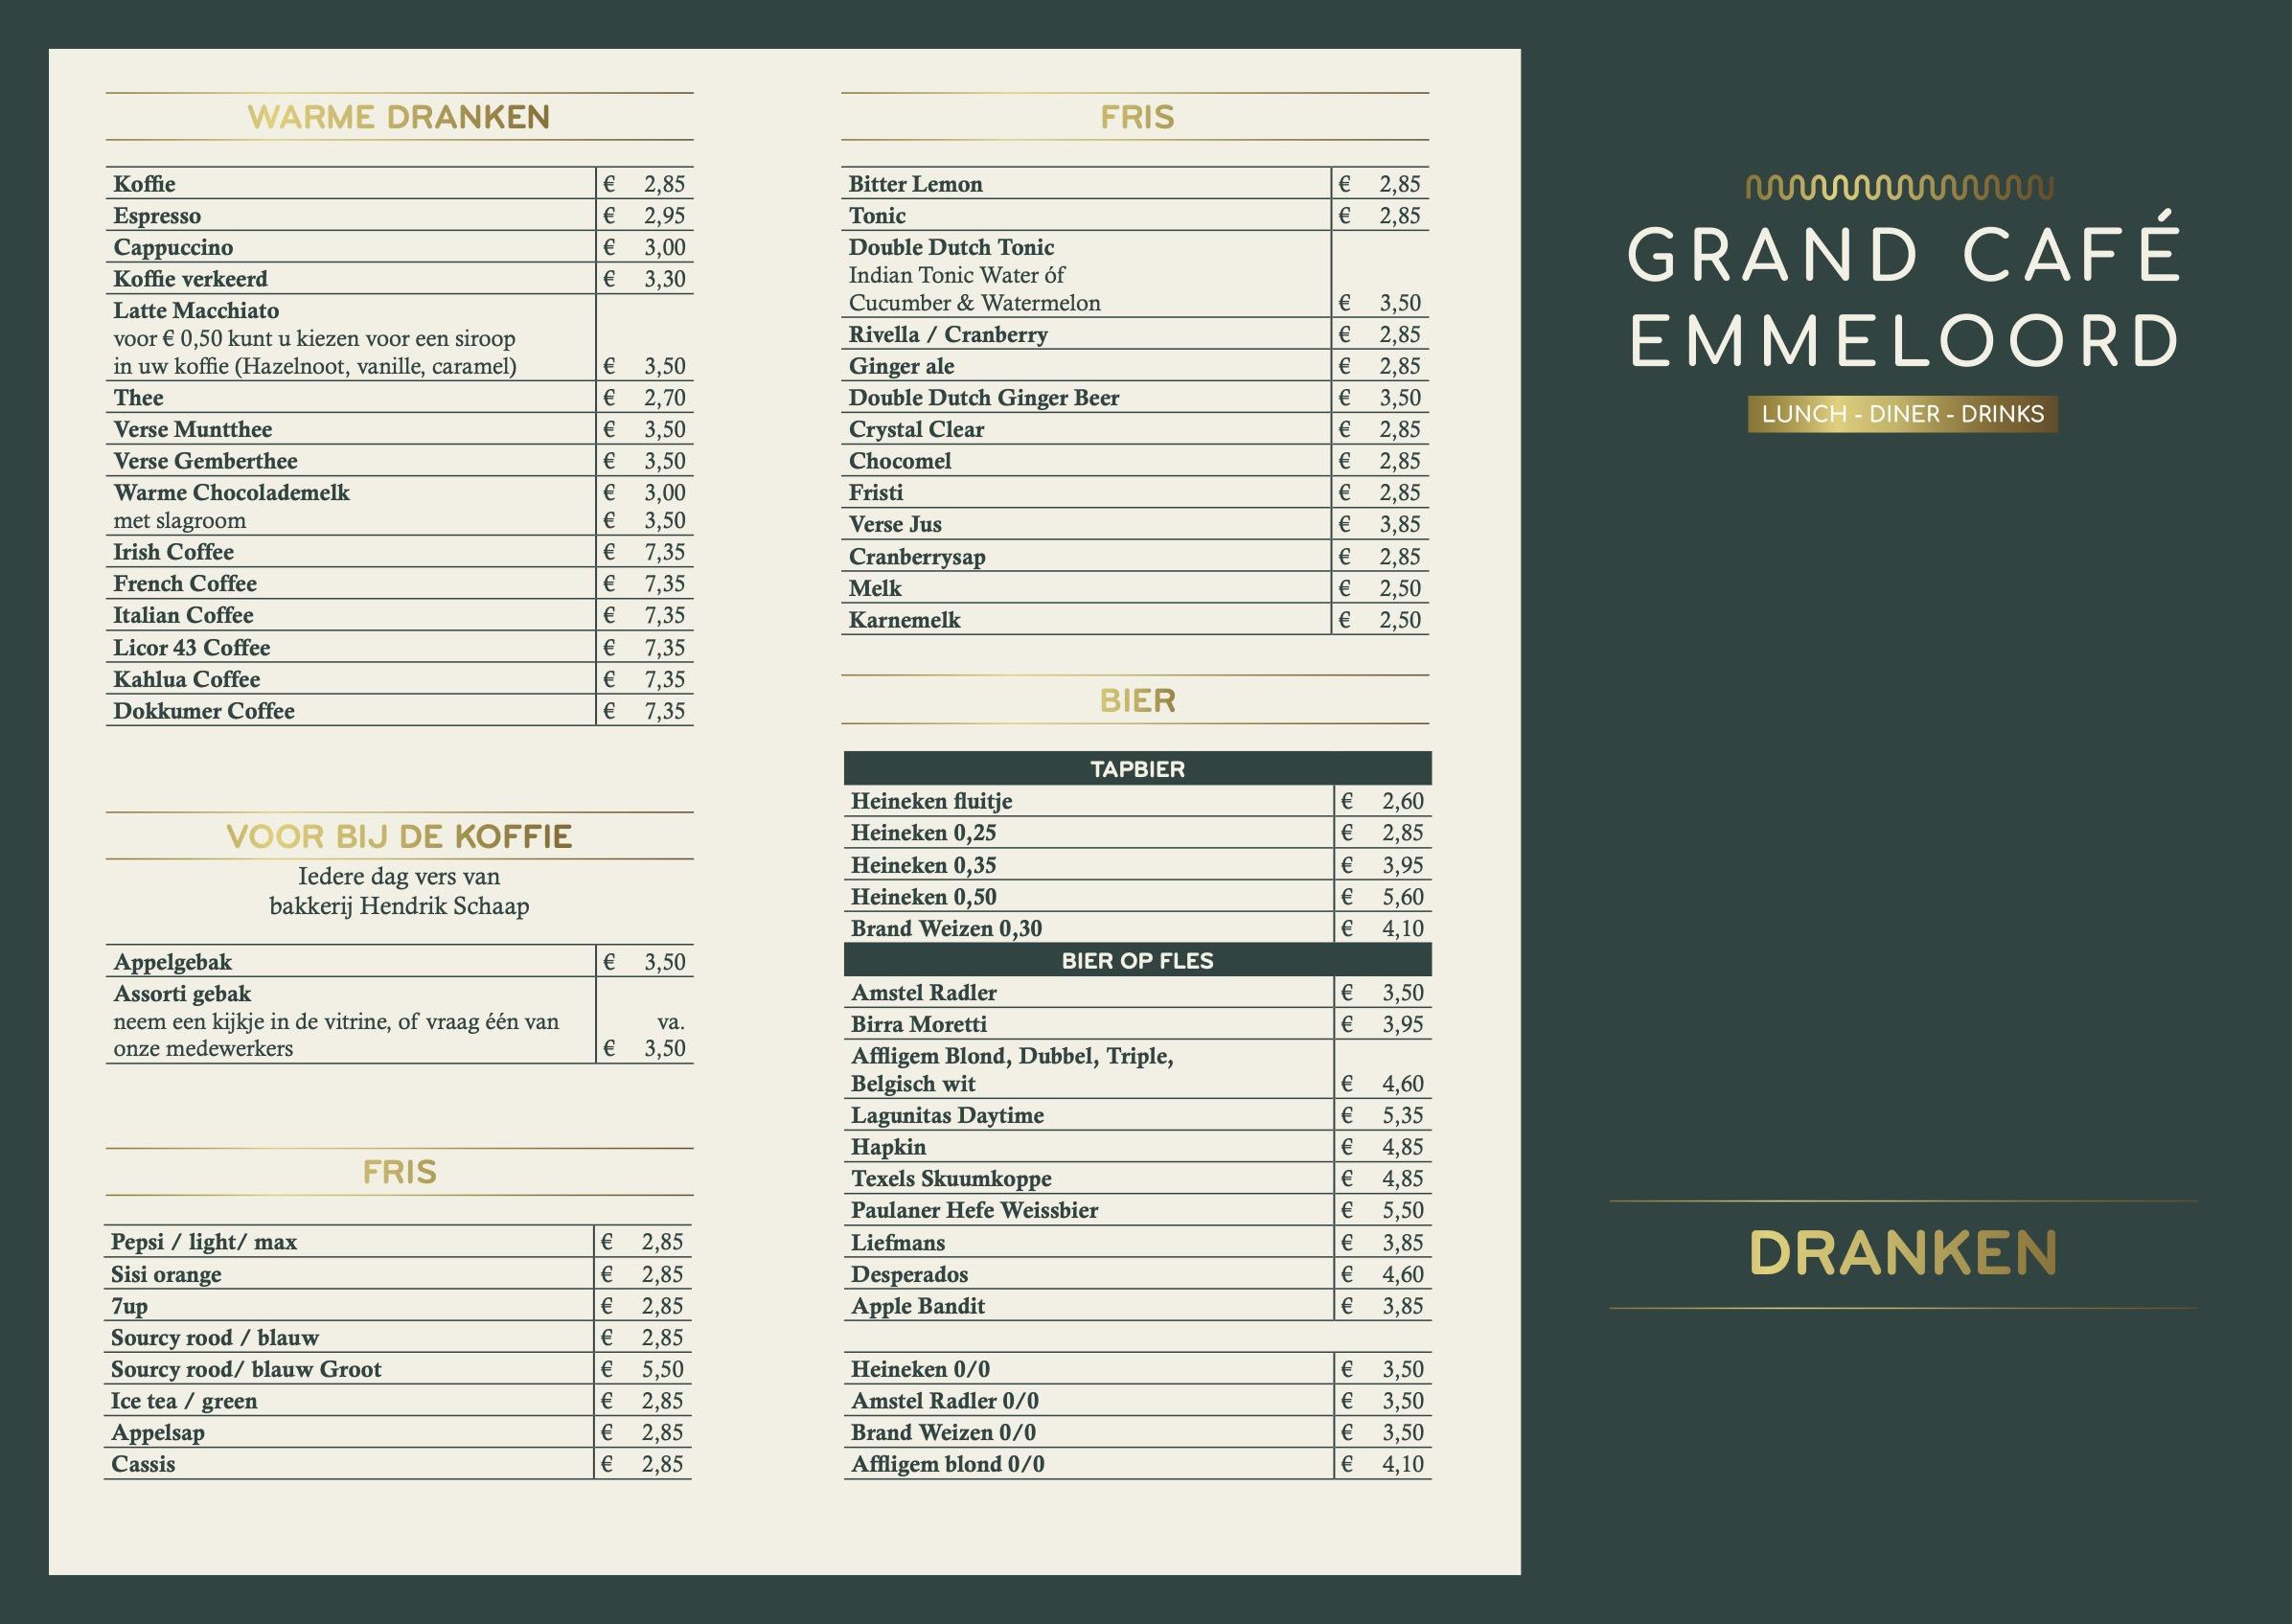 Drankenkaart Grand Cafe emmeloord